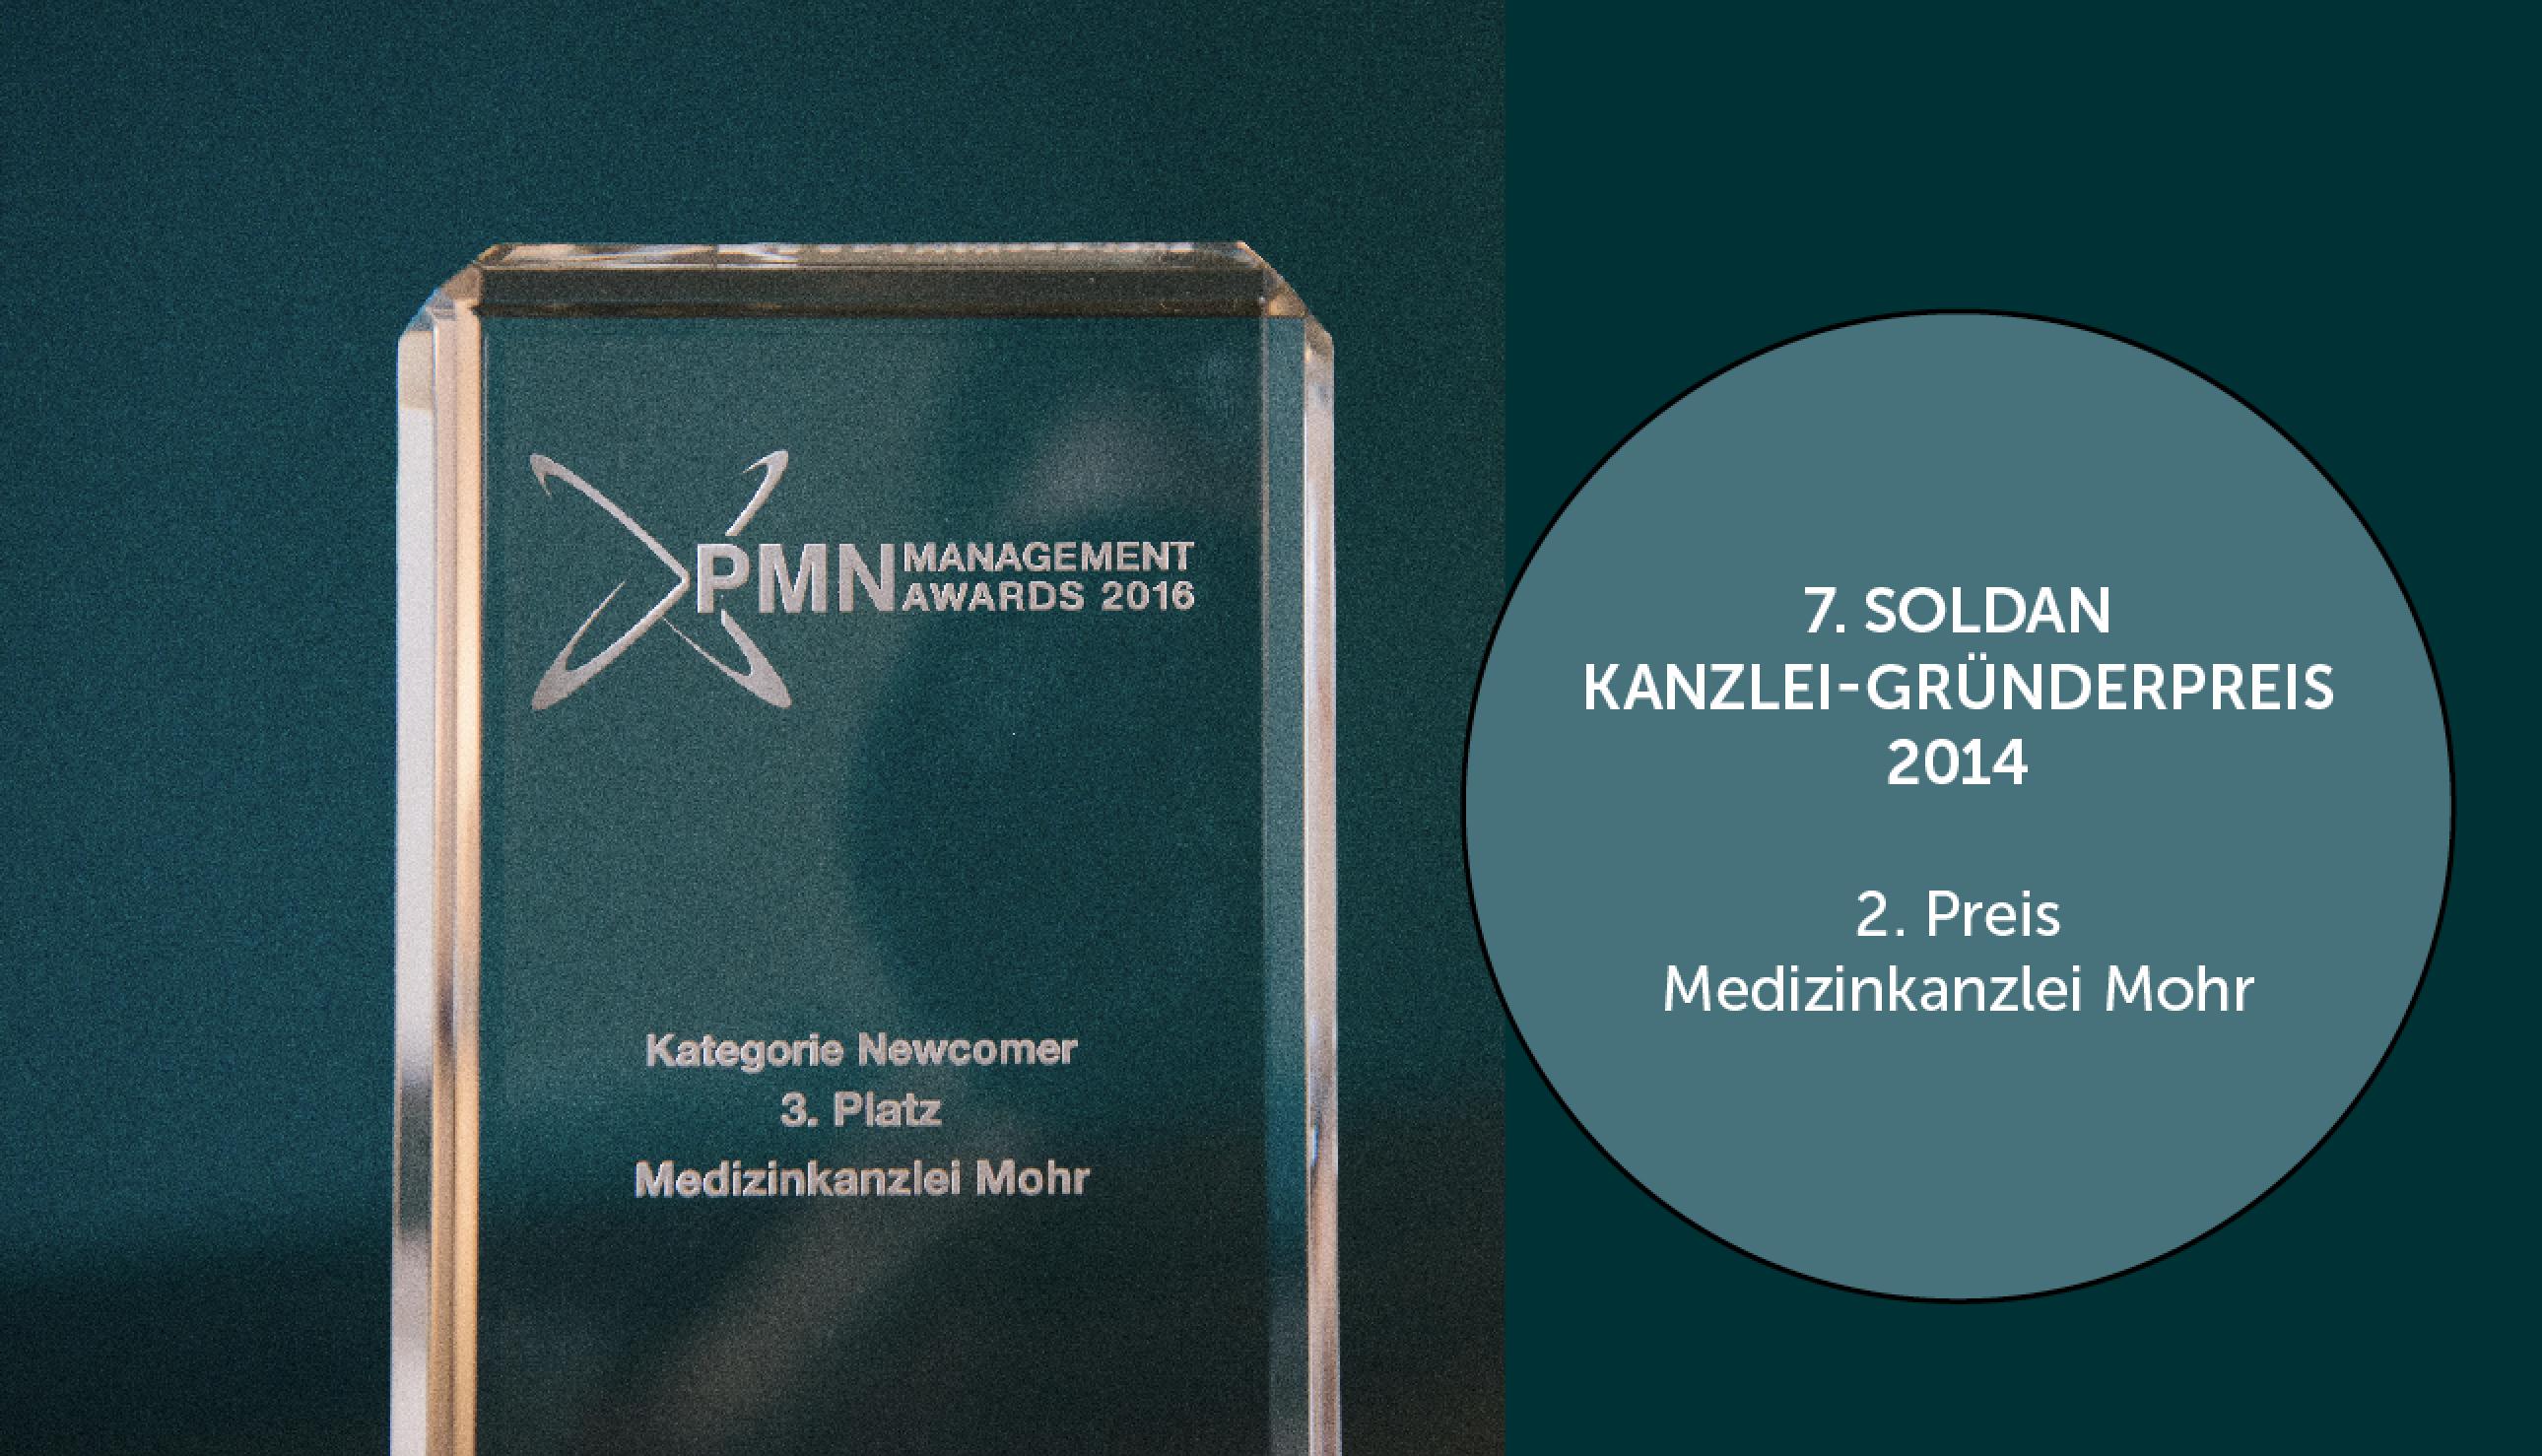 Medizinkanzlei Mohr – Awards